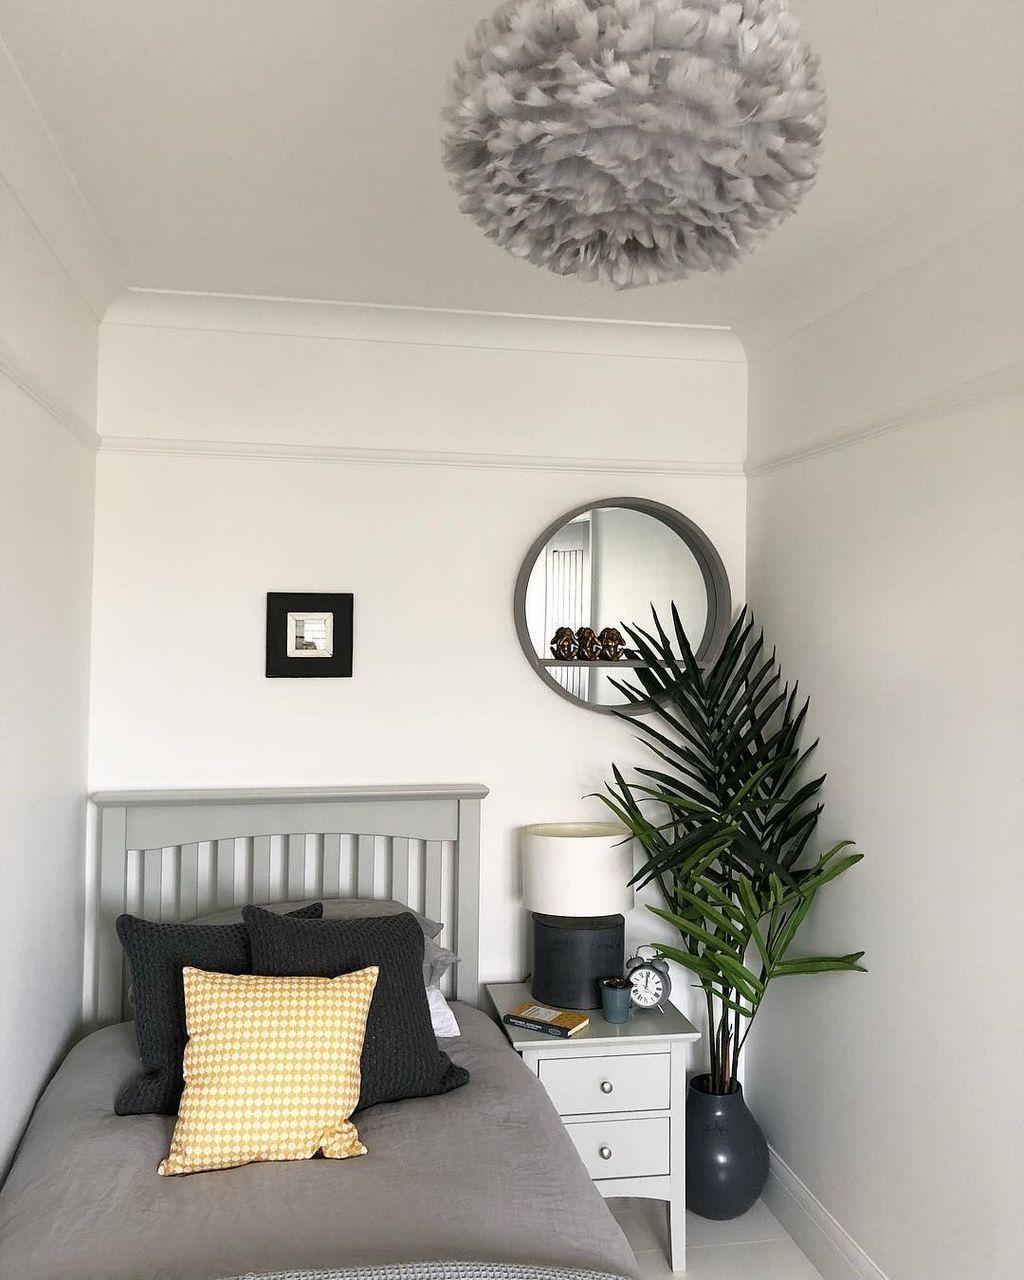 33 Inspiring Elegant Small Bedroom Decor Ideas You Must See Small Master Bedroom Small Bedroom Small Room Bedroom